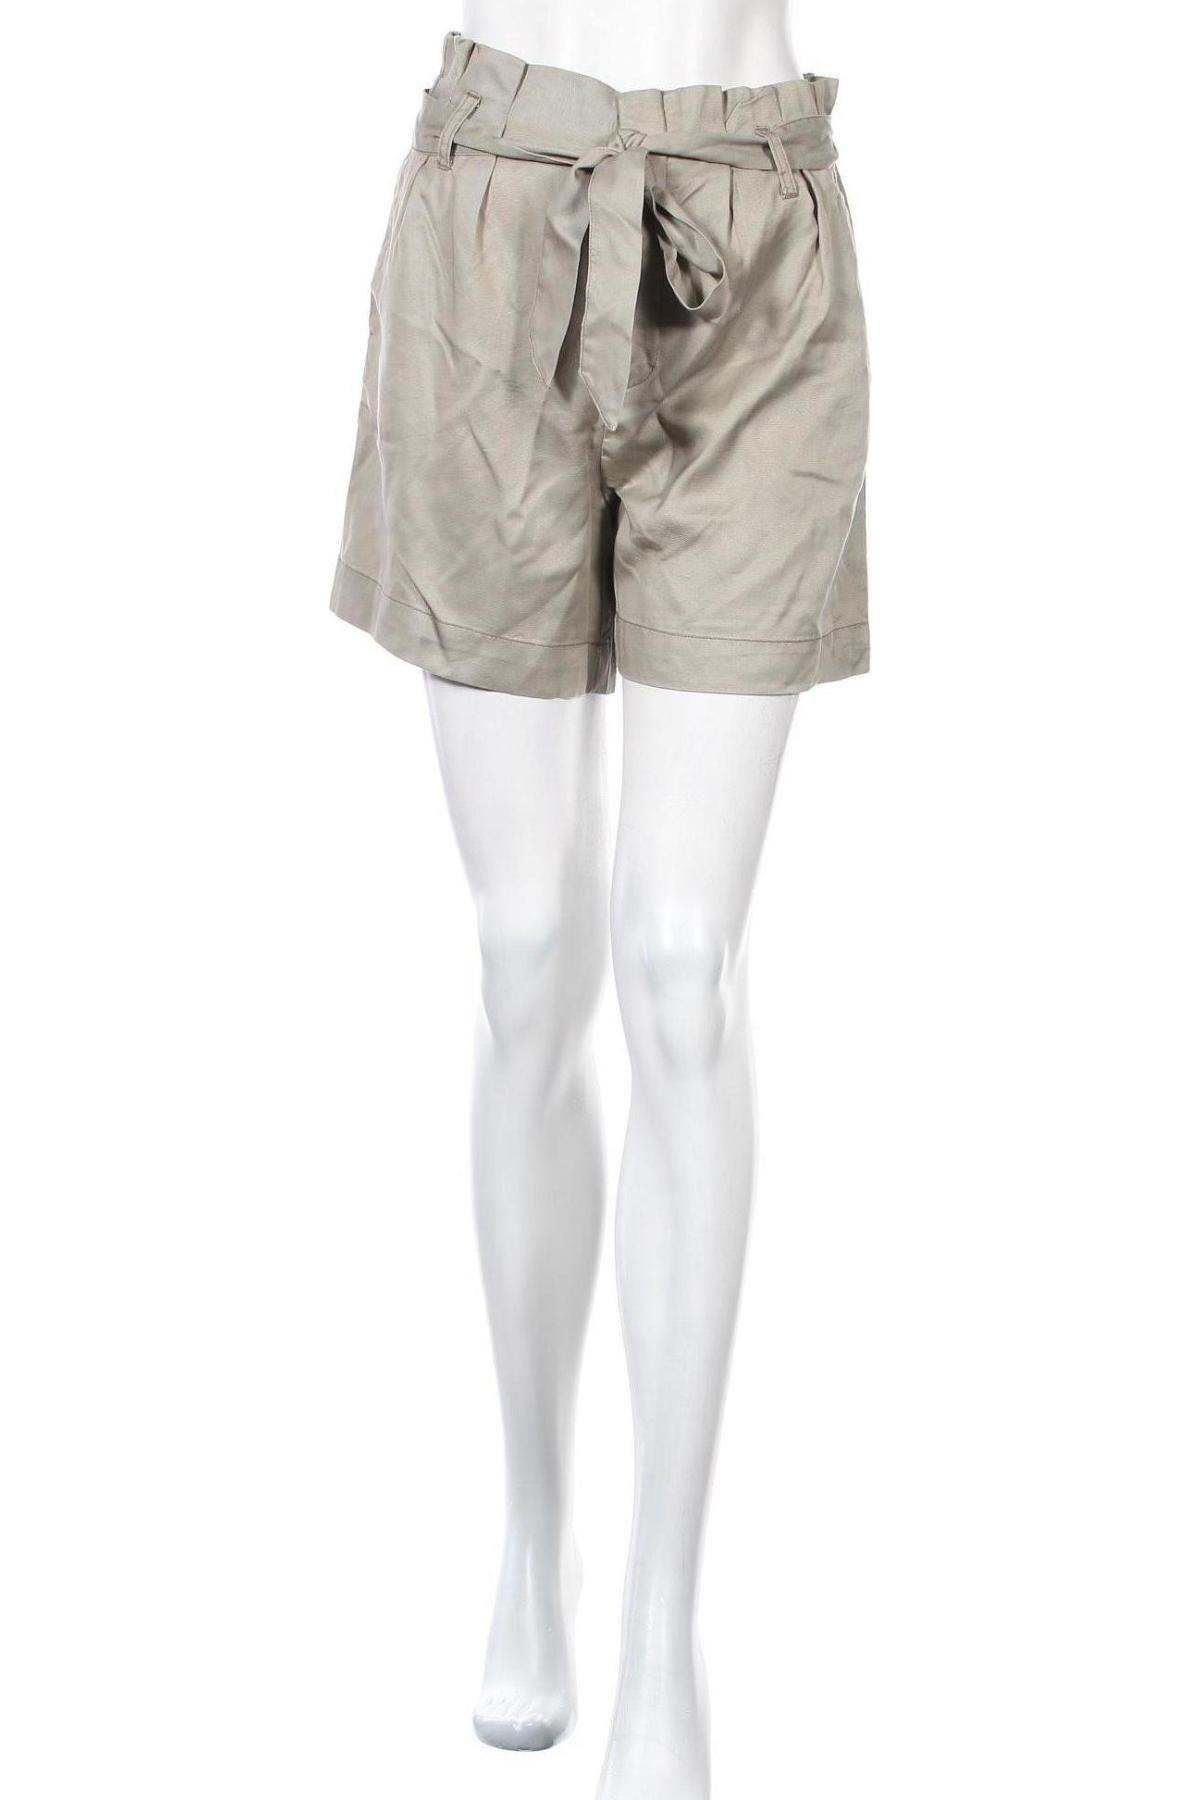 Γυναικείο κοντό παντελόνι ONLY, Μέγεθος S, Χρώμα Πράσινο, Lyocell, Τιμή 13,40€